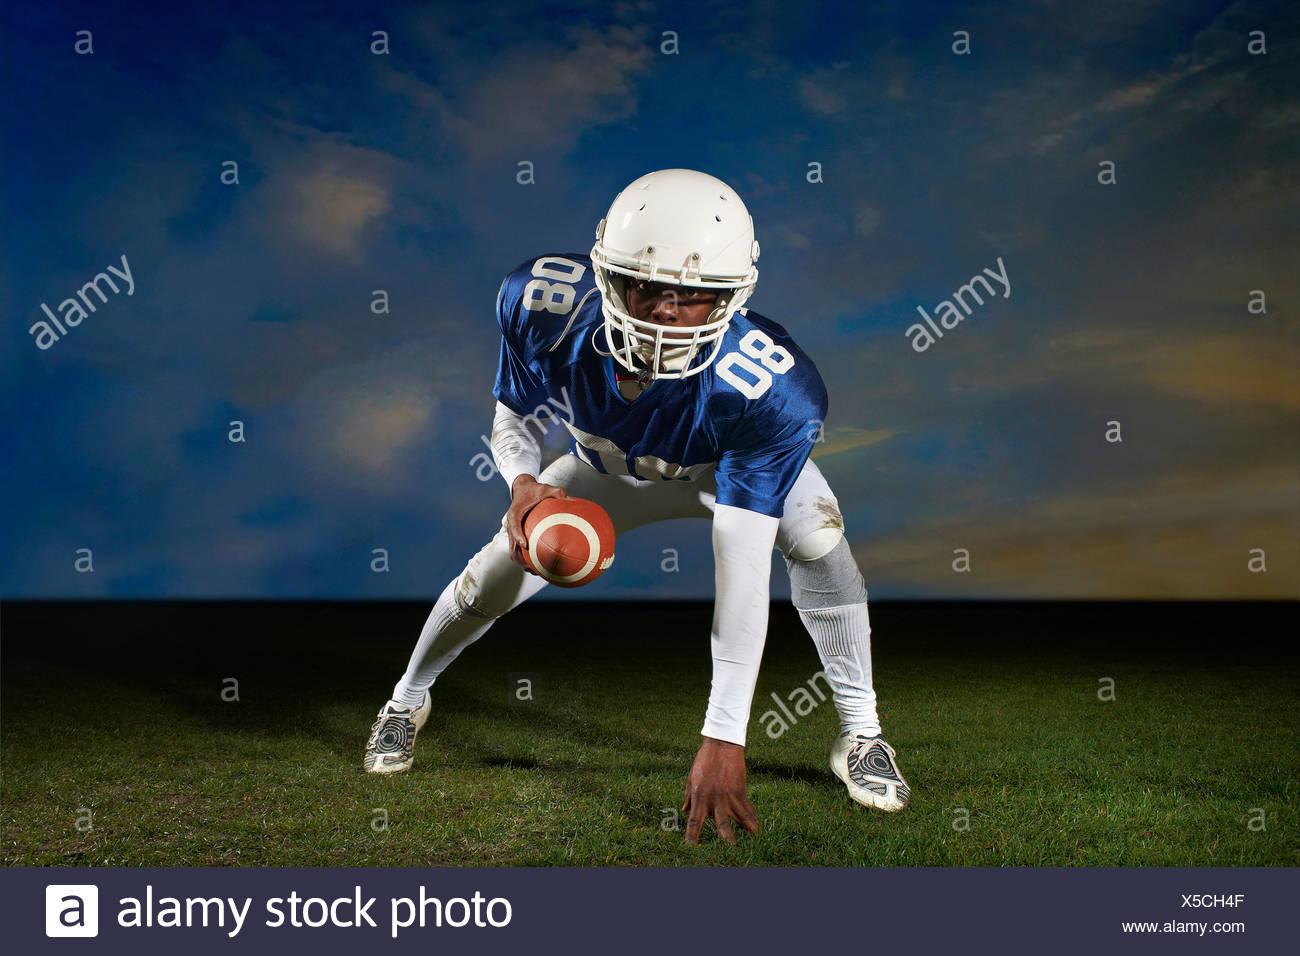 Jugador de fútbol americano se inclina hacia adelante con la mano sobre el césped Imagen De Stock